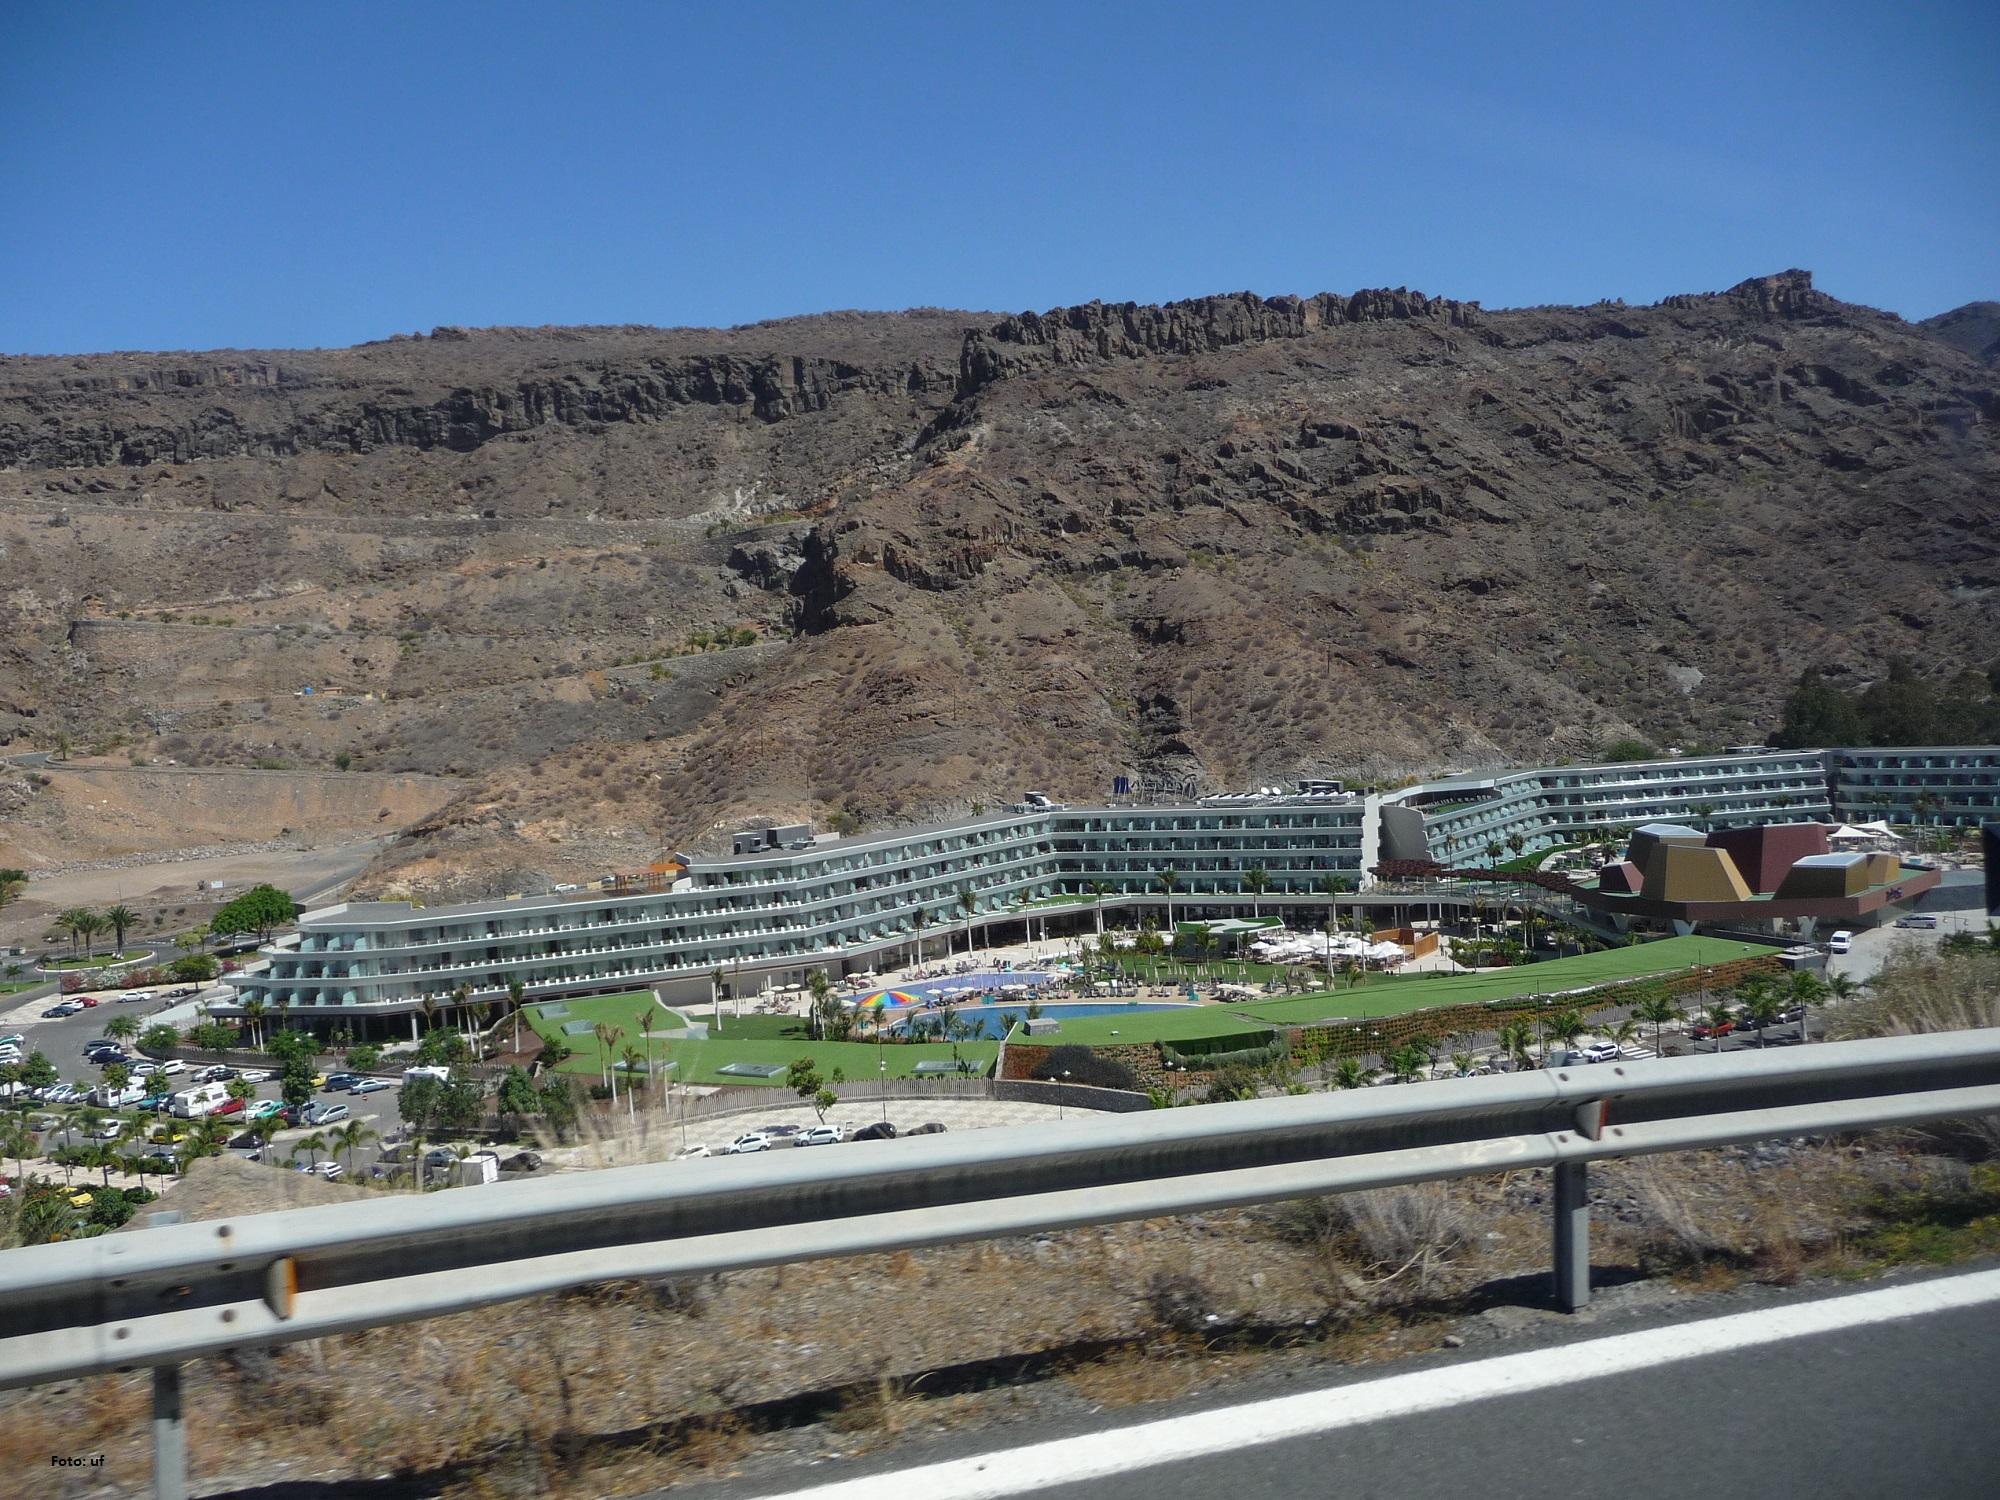 In der Bucht von Puerto de Mogàn fährt man an dem neu gebauten 5-Sterne-Hotel Radisson Blu Resort & Spa vorbei